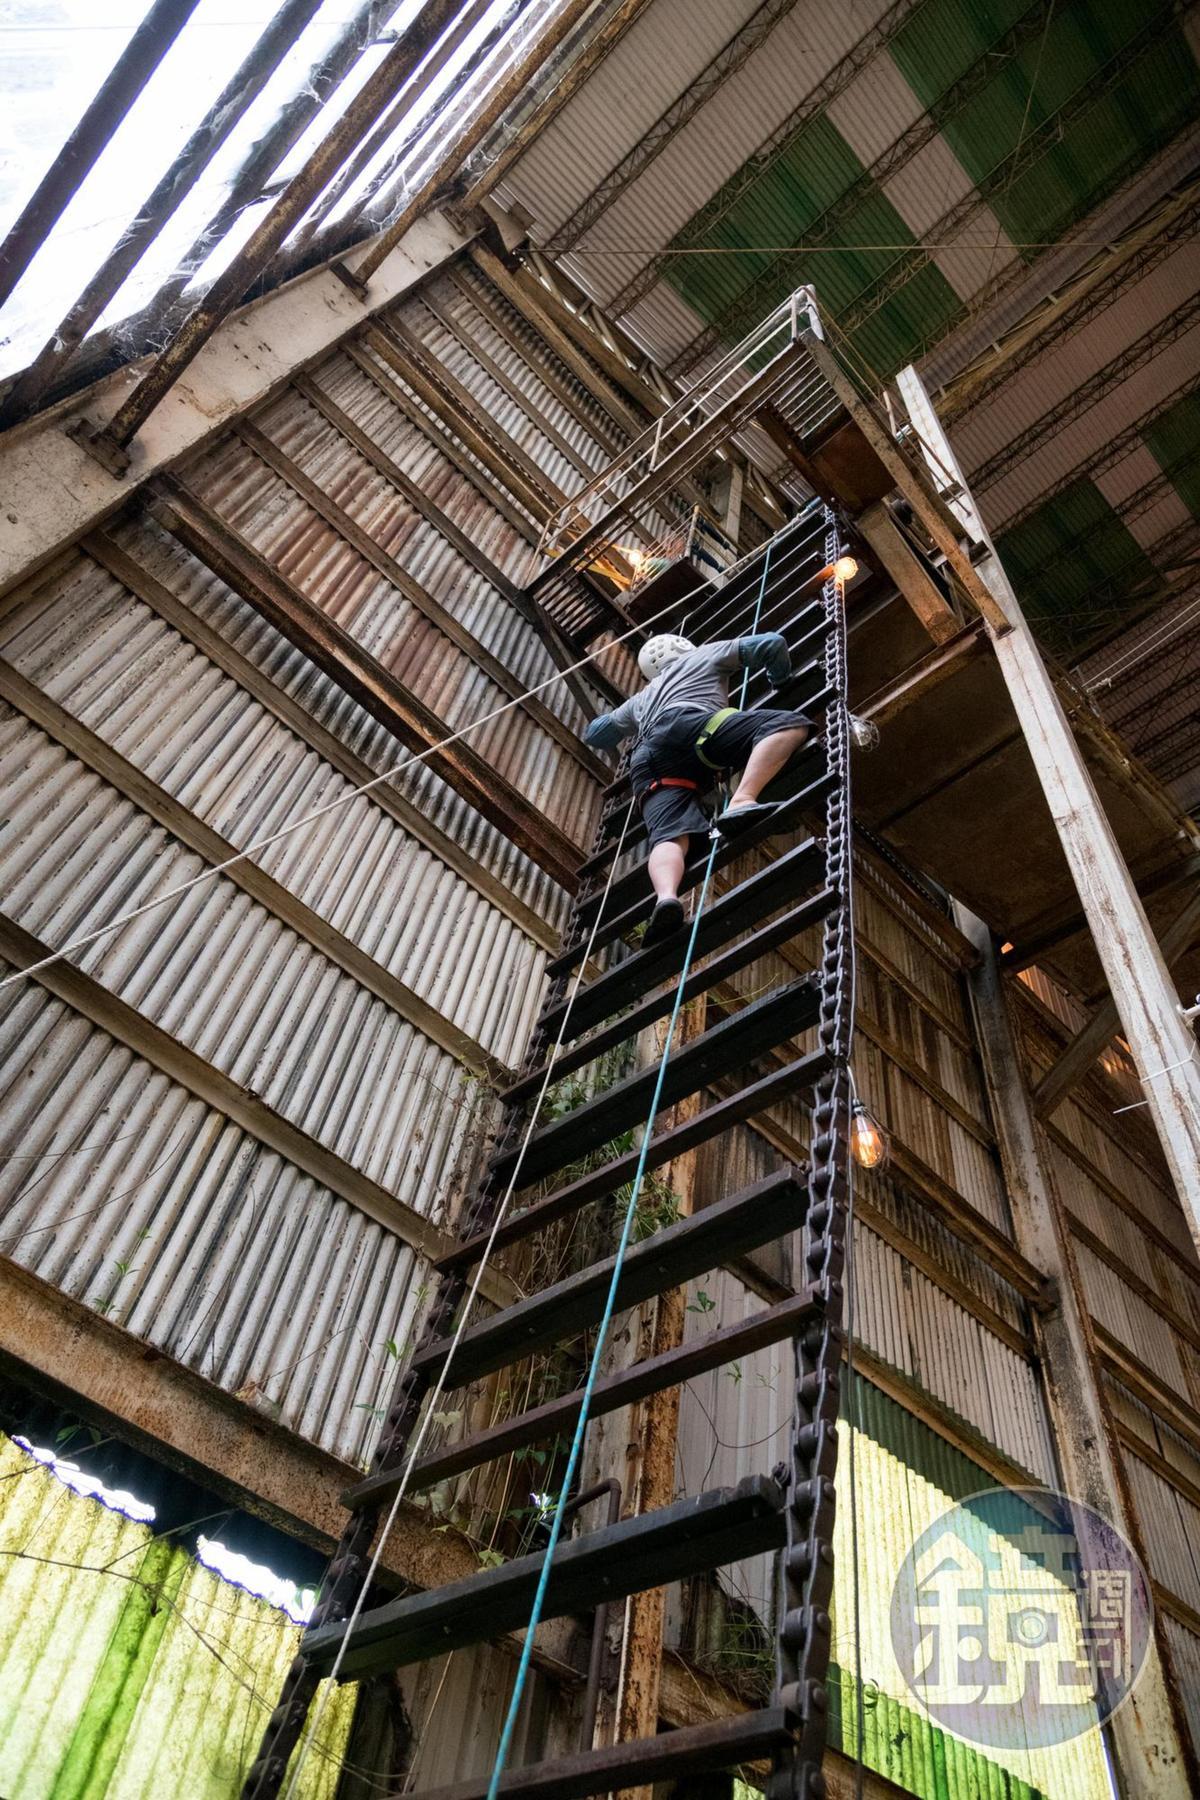 「高空攀爬」以蔗渣輸送帶為繩梯,老糖廠設備成了絕佳極限運動場域。